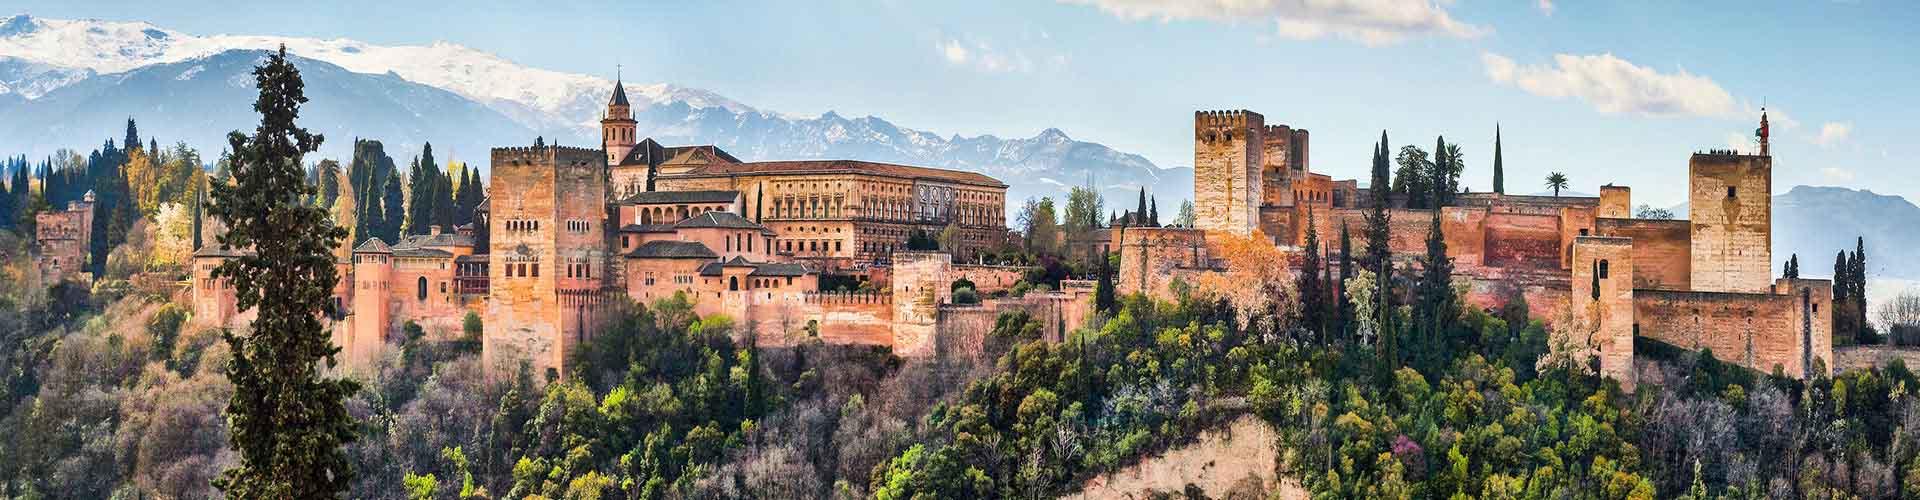 Granada - Hostels nahe Stadtzentrum. Granada auf der Karte. Fotos und Bewertungen für jedes Hostel in Granada.